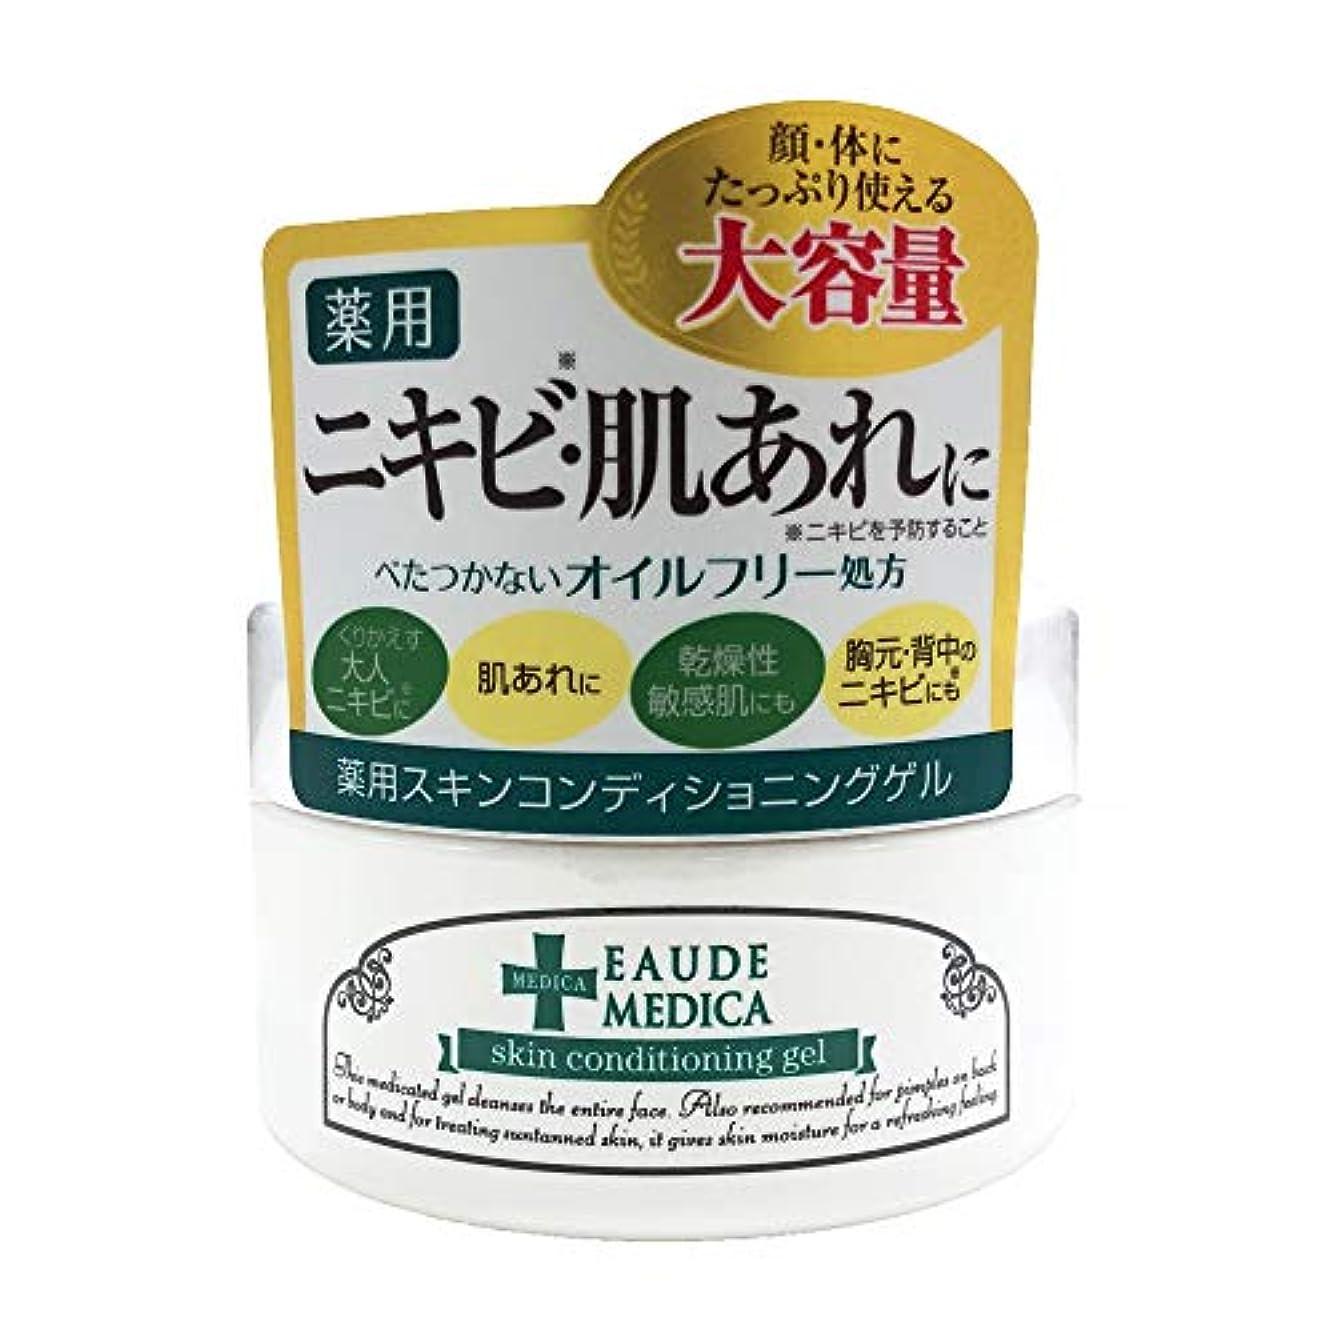 摂動死ぬ援助オードメディカ薬用スキンコンディショニングゲル 【医薬部外品】(140g)